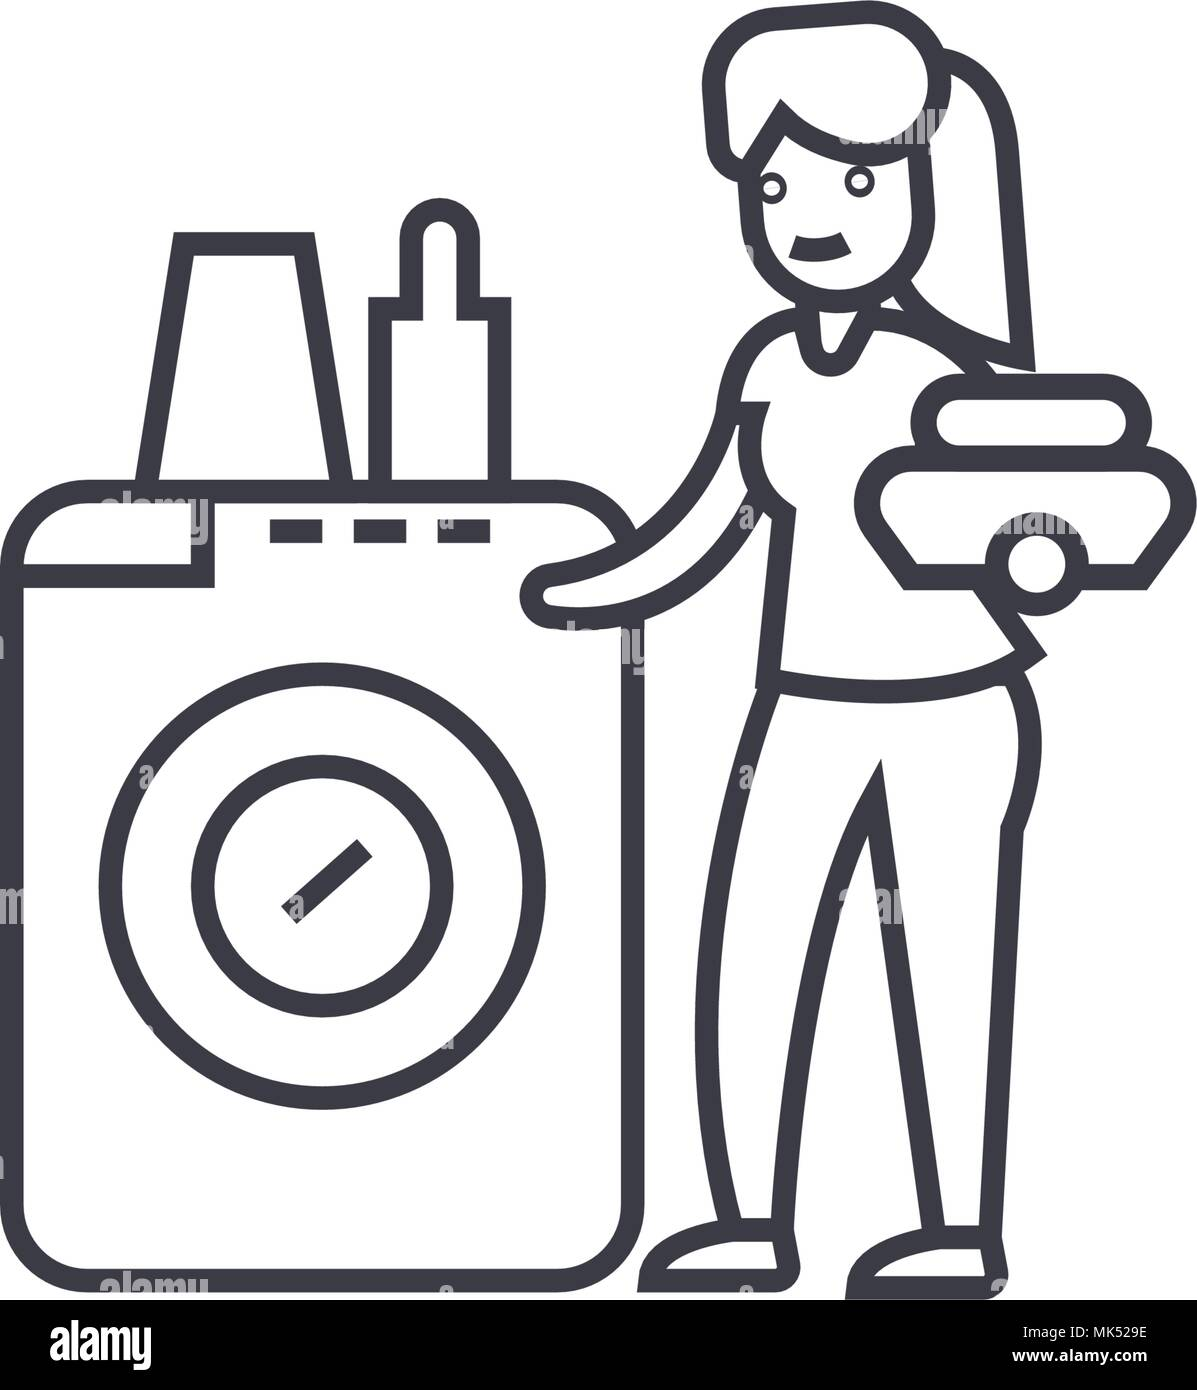 Sehr Geschirrspüler Waschmaschine vektor Symbol Leitung, Zeichen JG32